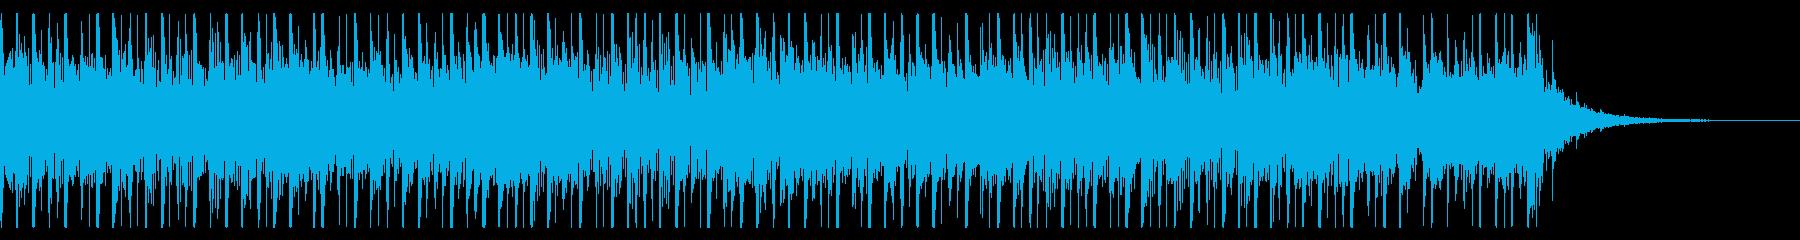 ビルドアップ(30秒)の再生済みの波形